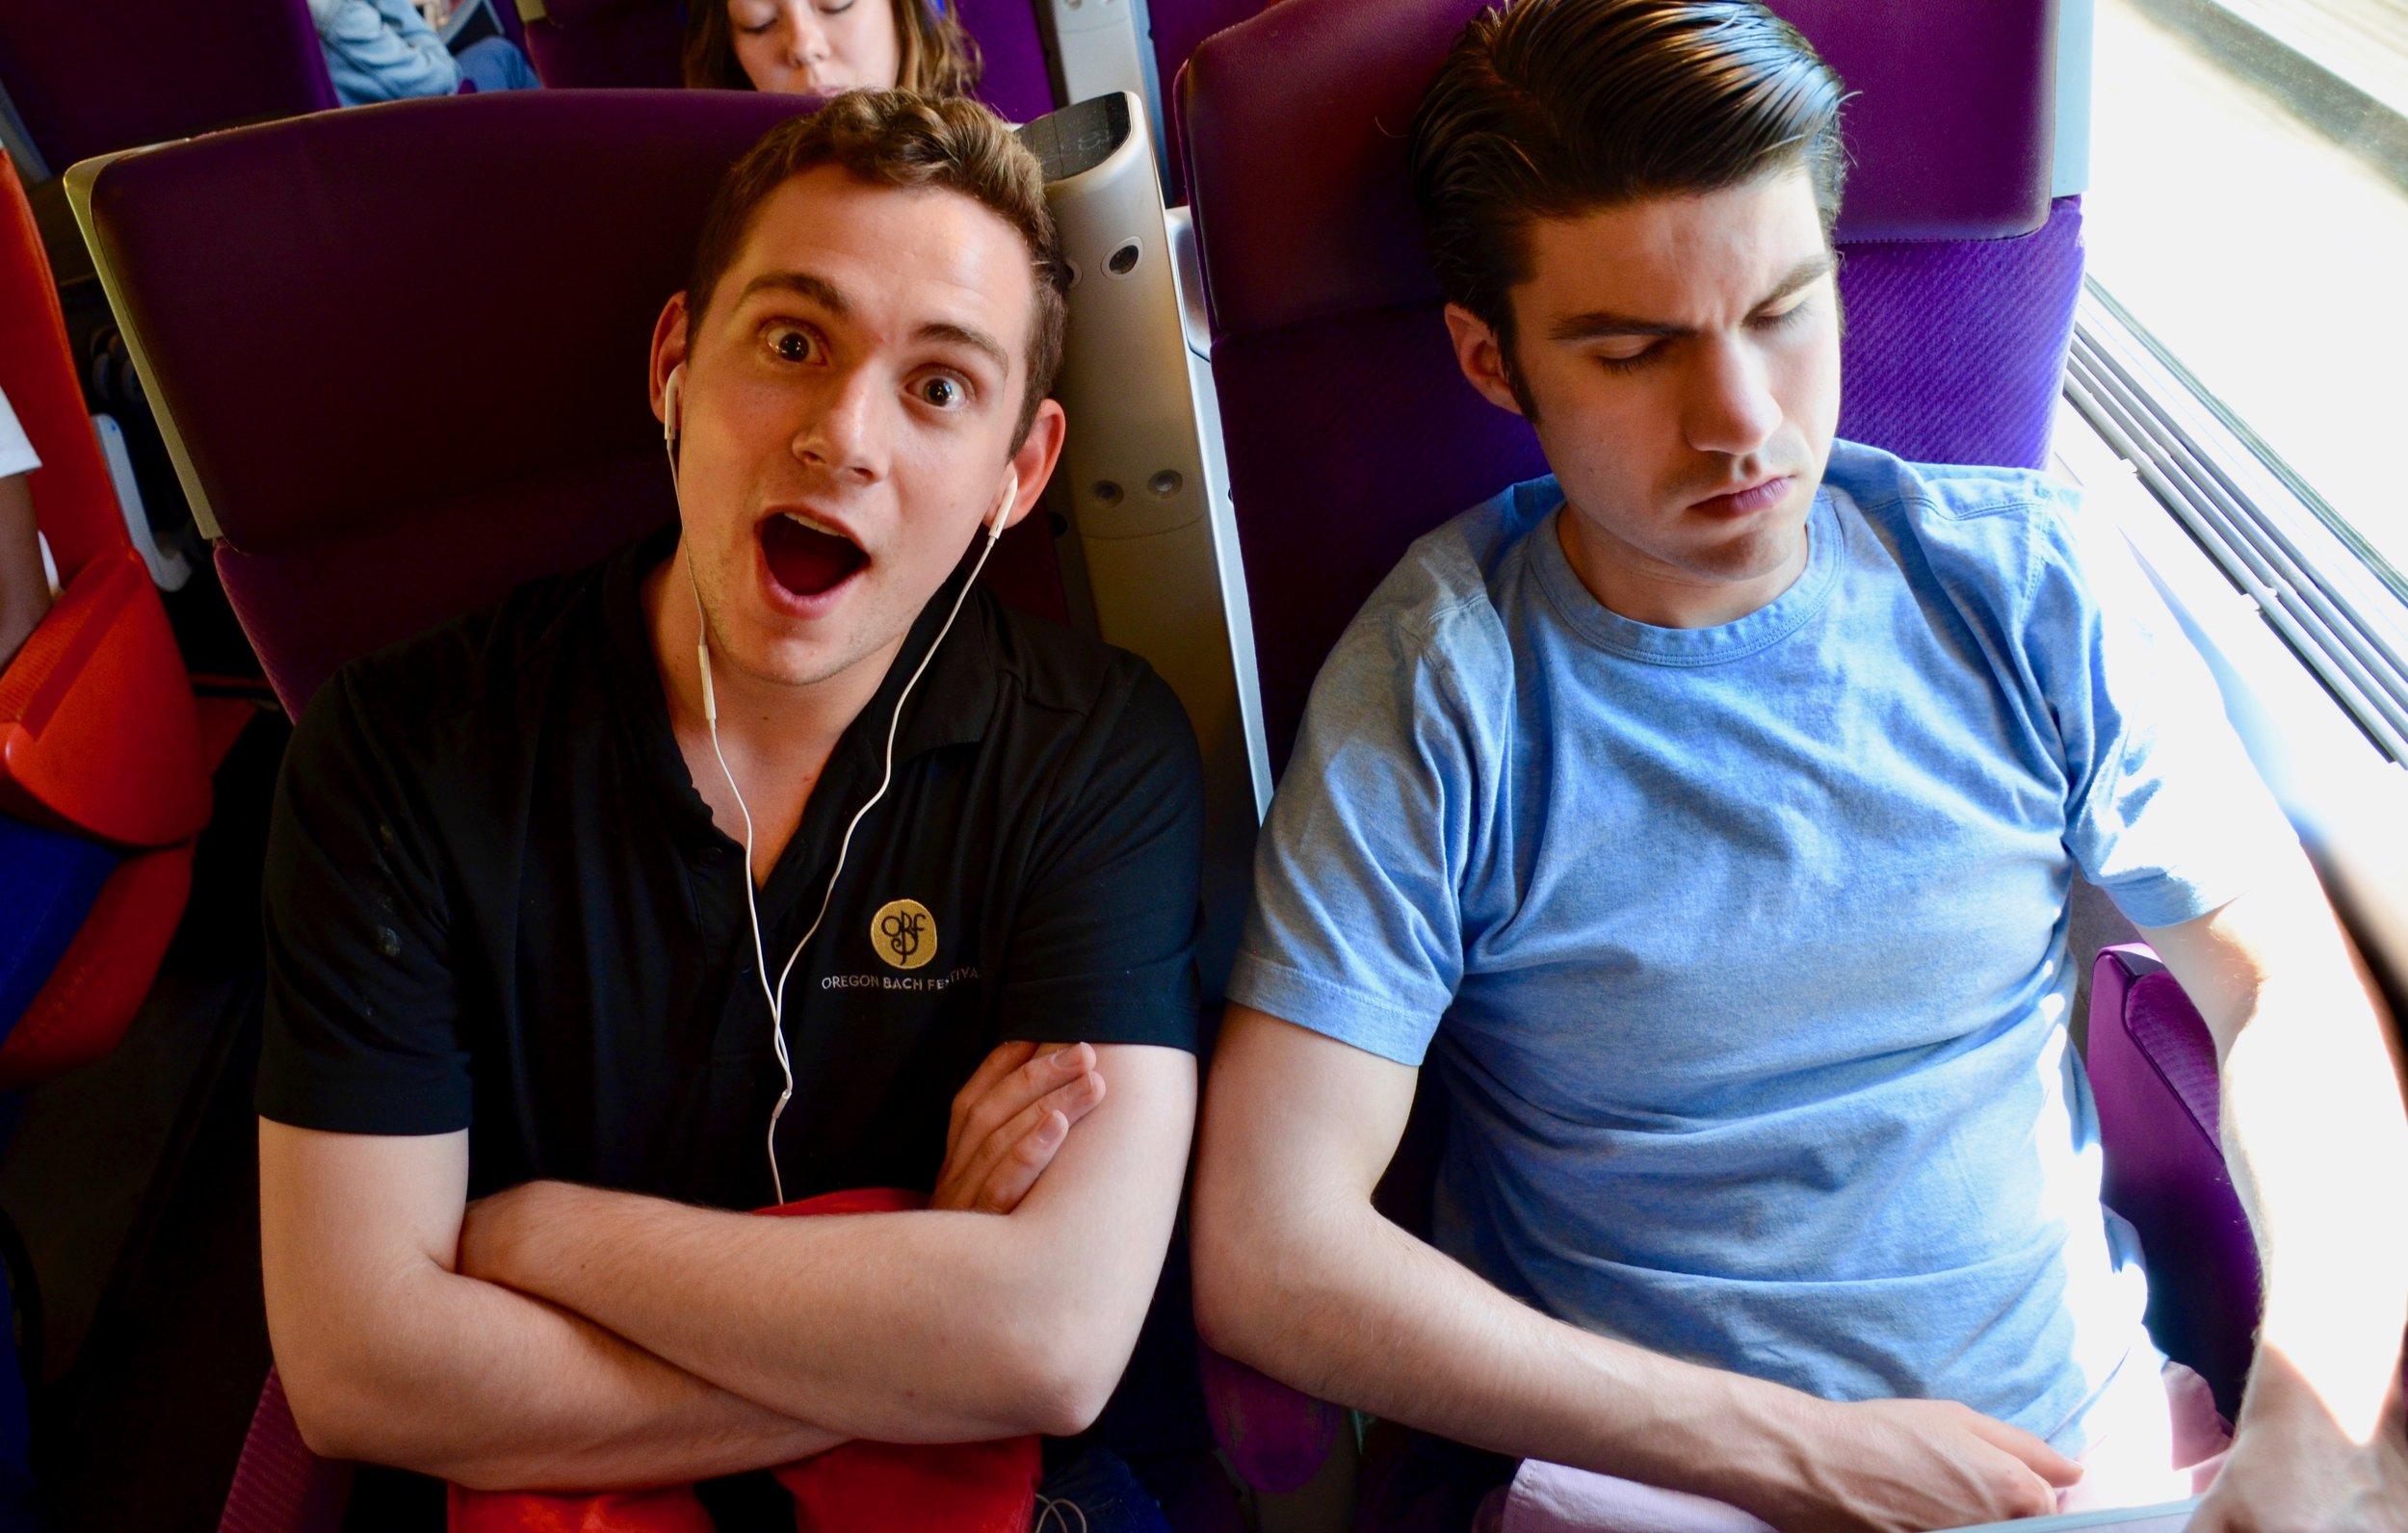 David practicing his meditation while Brandon takes a short nap.